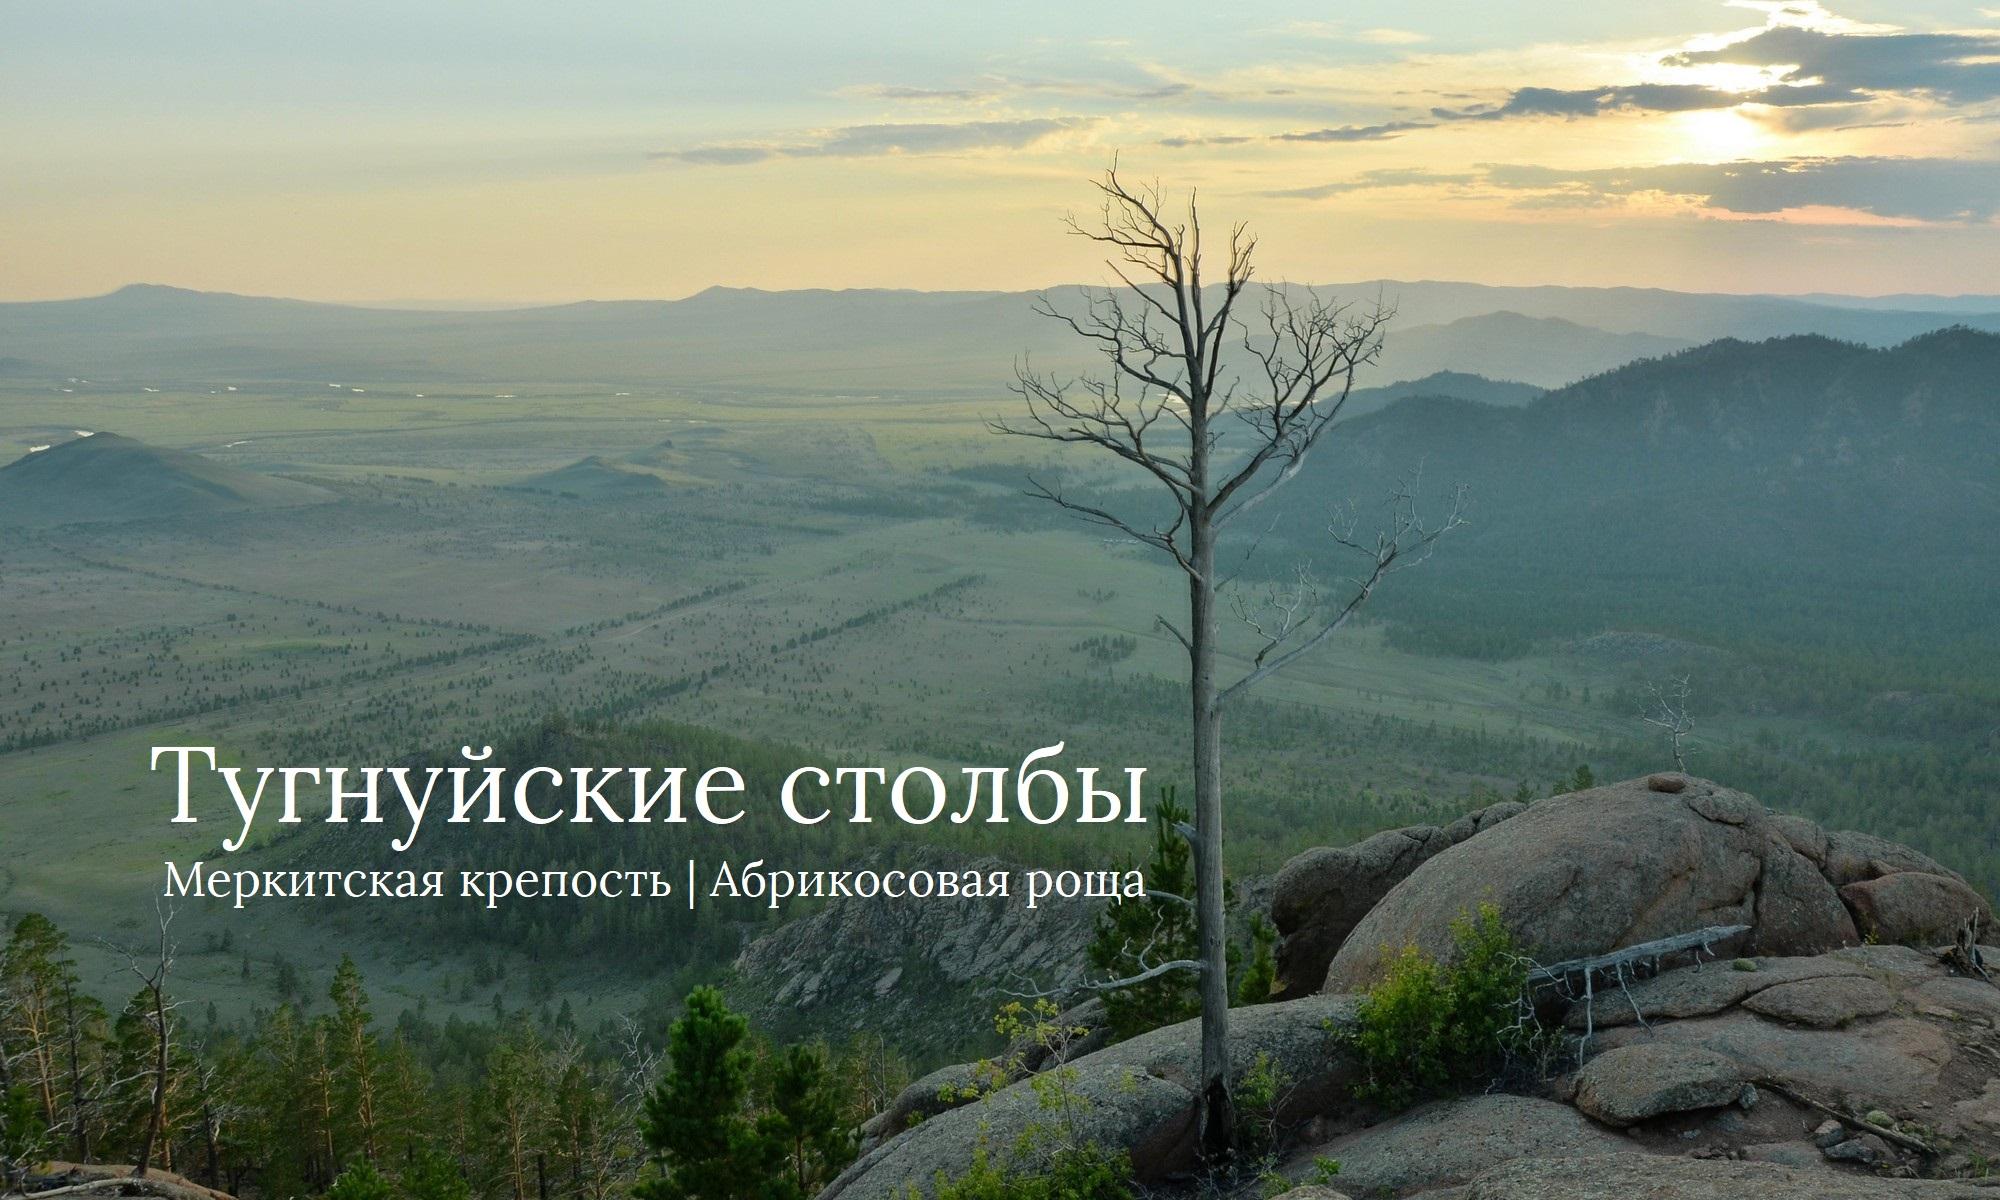 Меркитская крепость Тугнуйские столбы Абрикосовая роща